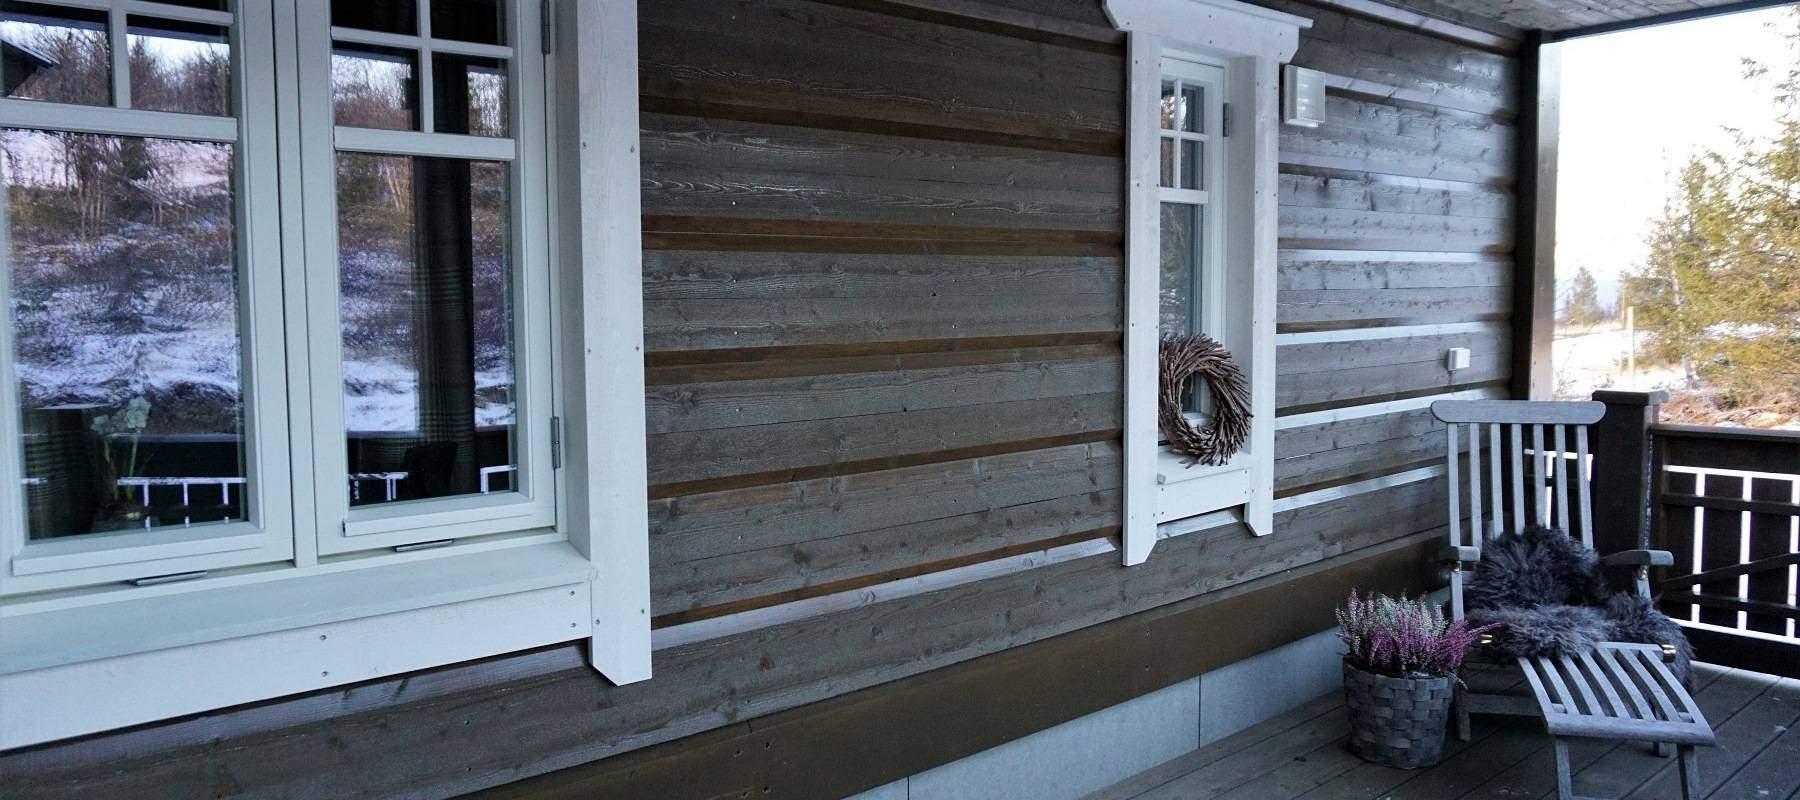 50 Hytteleverandor – Tiurtoppen Hytter Inspirasjon hytte pa Gålå